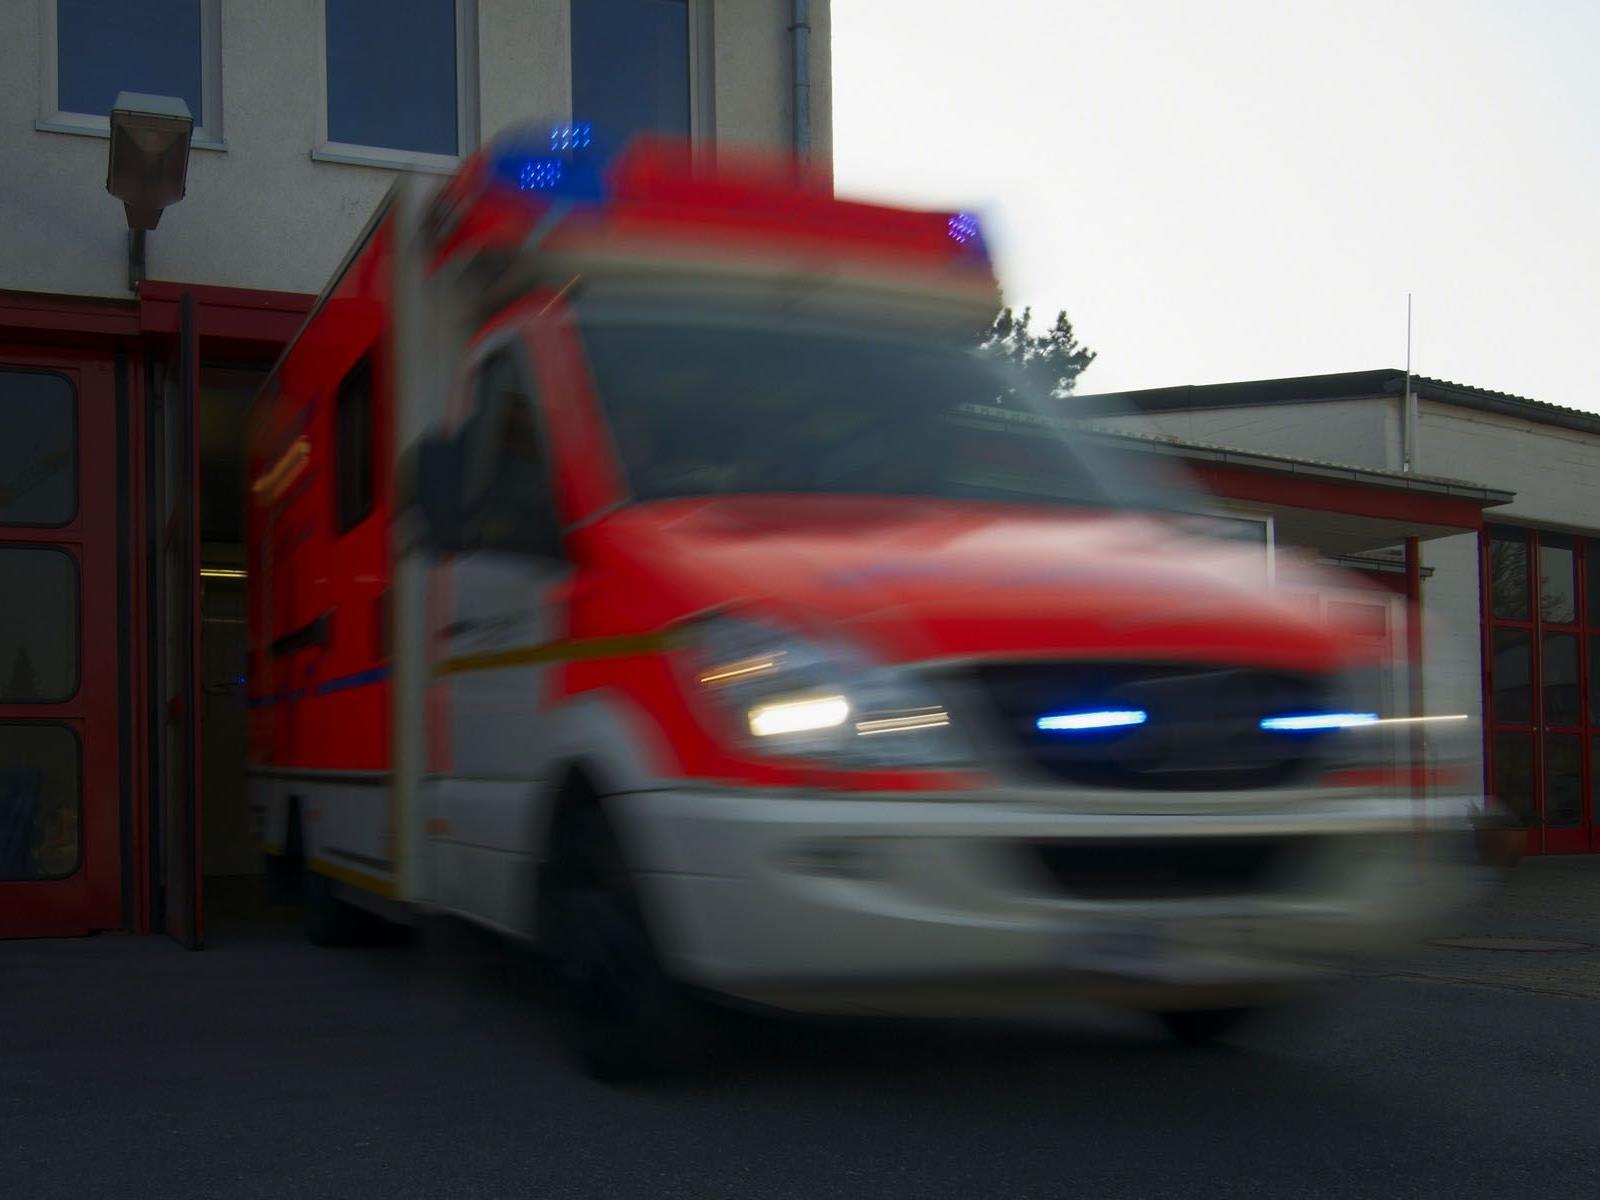 Die gestürzte Frau musste intensivmedizinisch betreut werden.